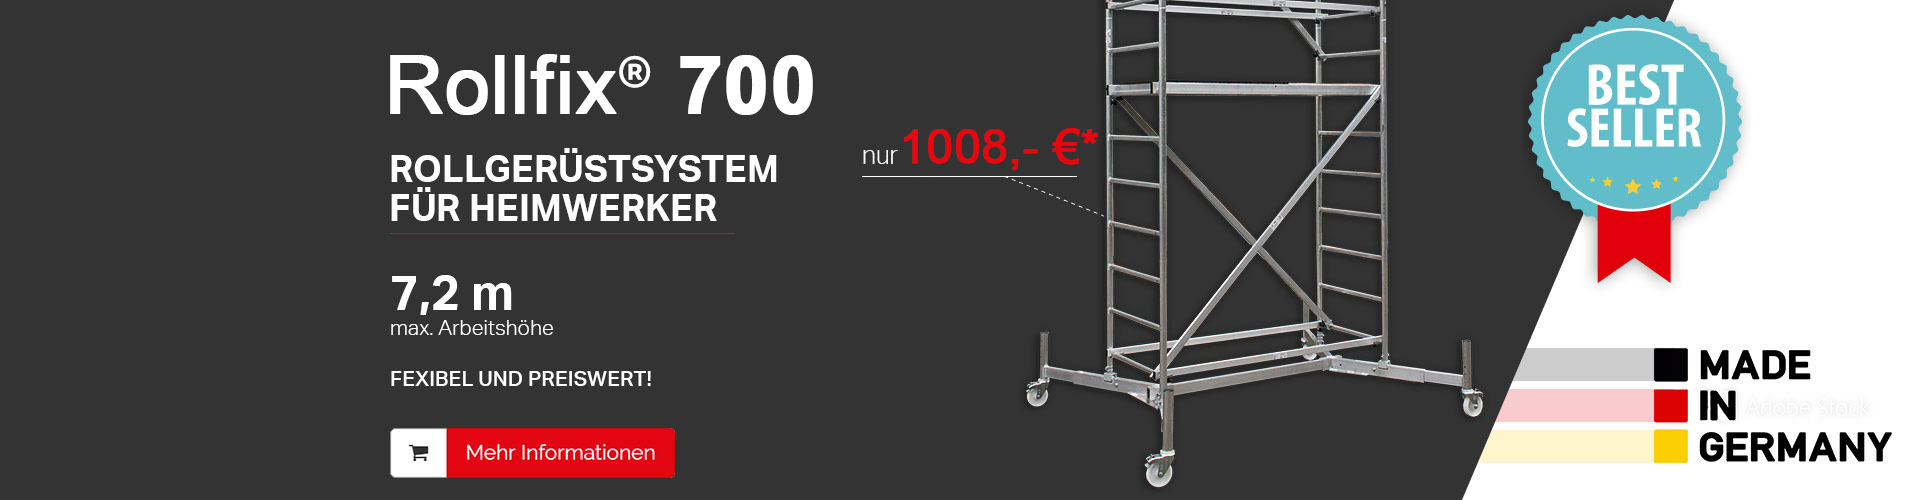 Rollfix 700 Banner5